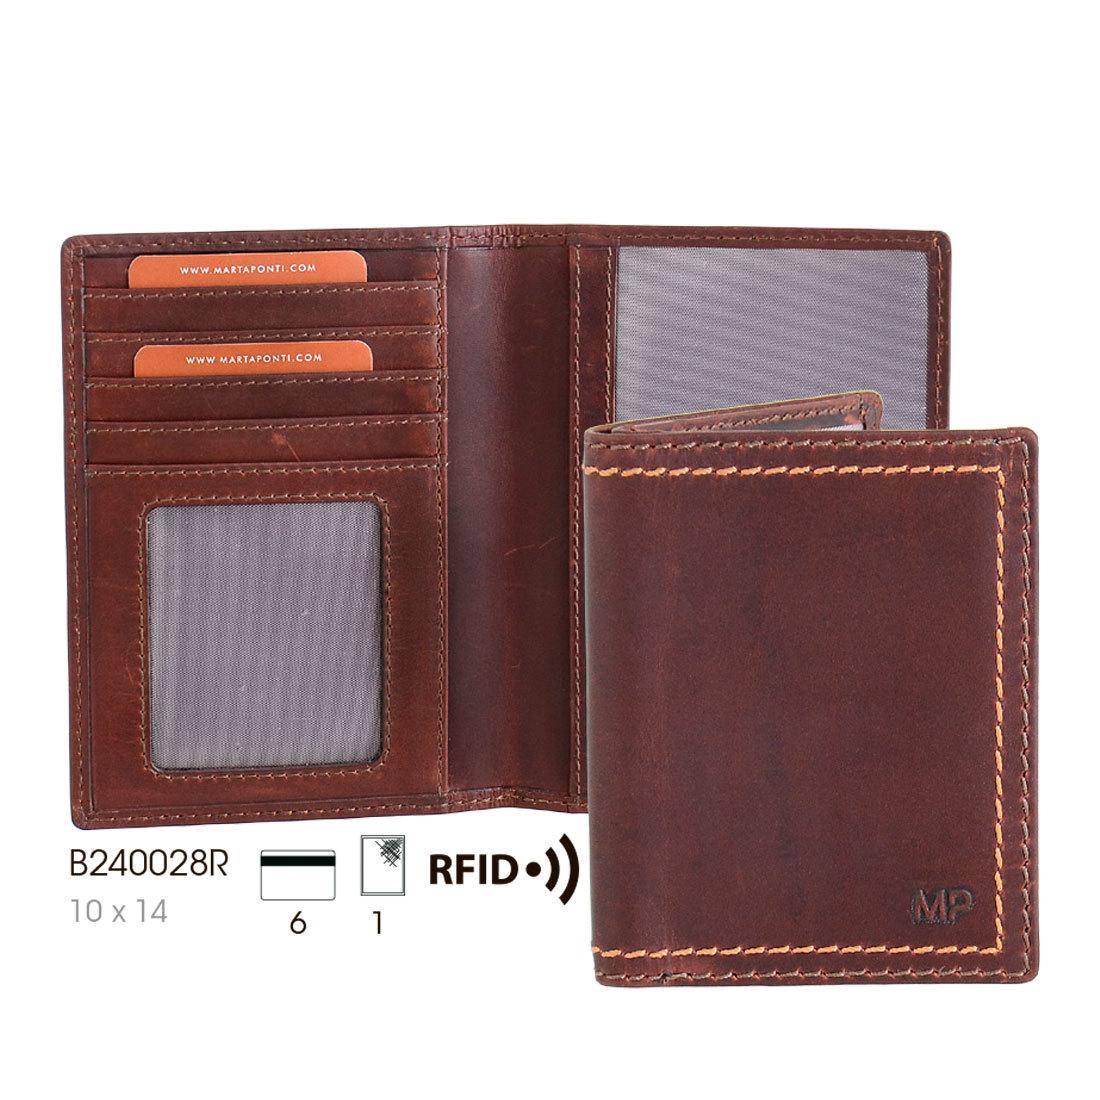 B240028R P Cast/Camel - Обложка для паспорта с RFID защитой MP